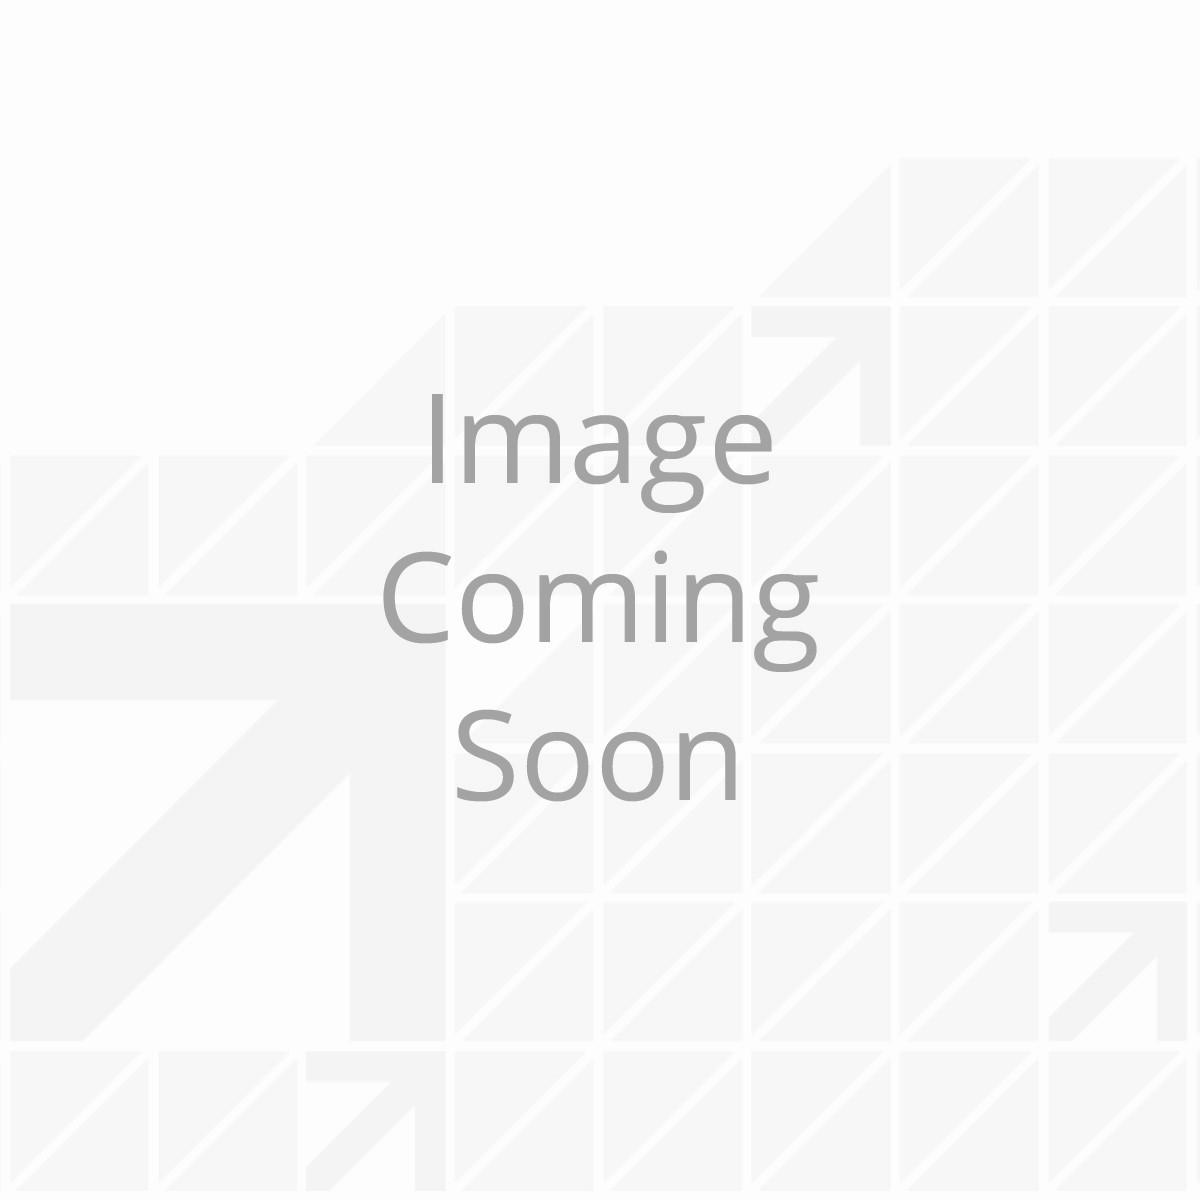 Thomas Payne® Adjustable Microfiber Sheet Set, White - Bunk